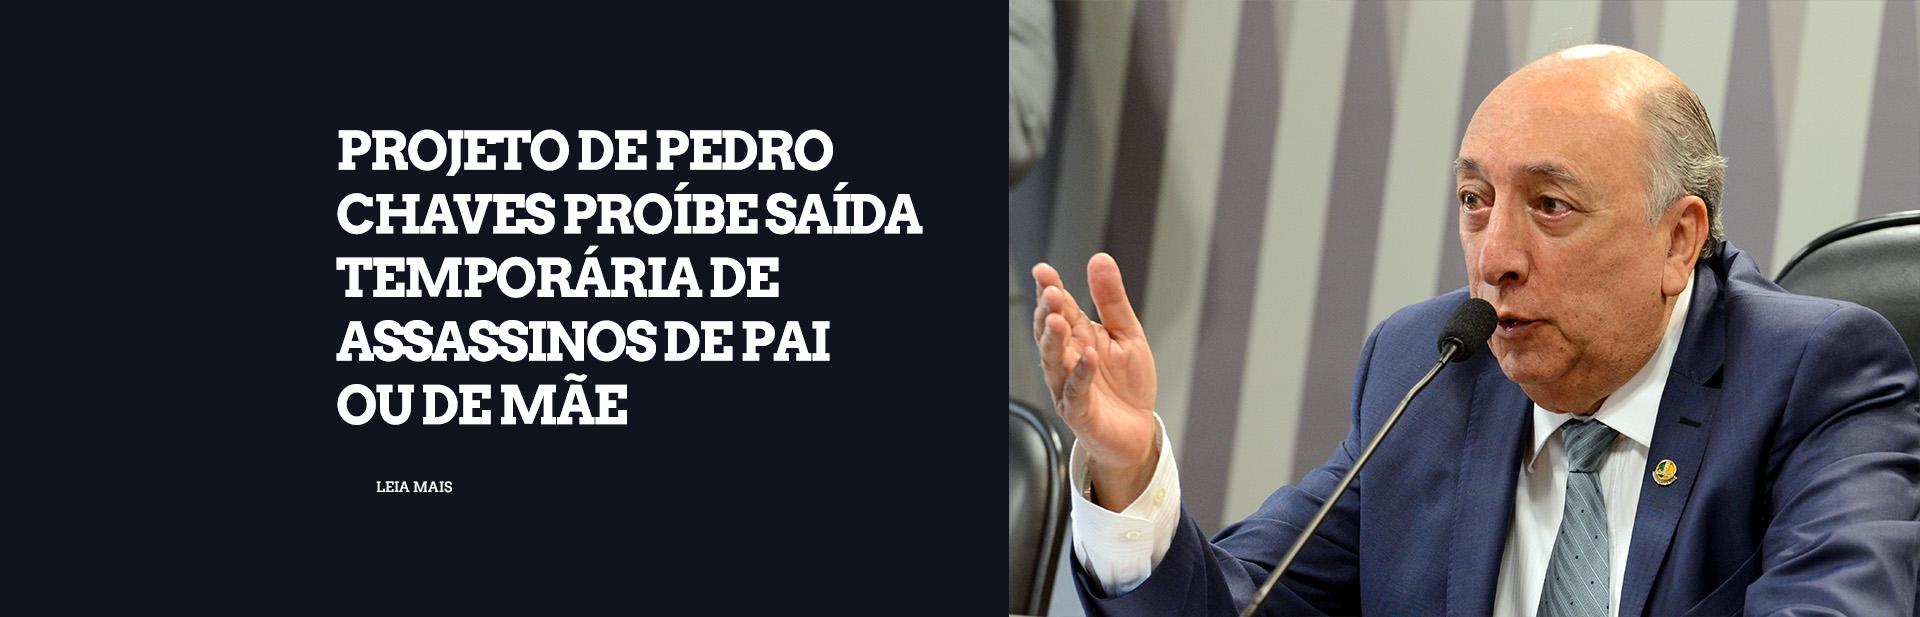 Projeto de Pedro Chaves proíbe saída temporária de assassinos de pai ou de mãe